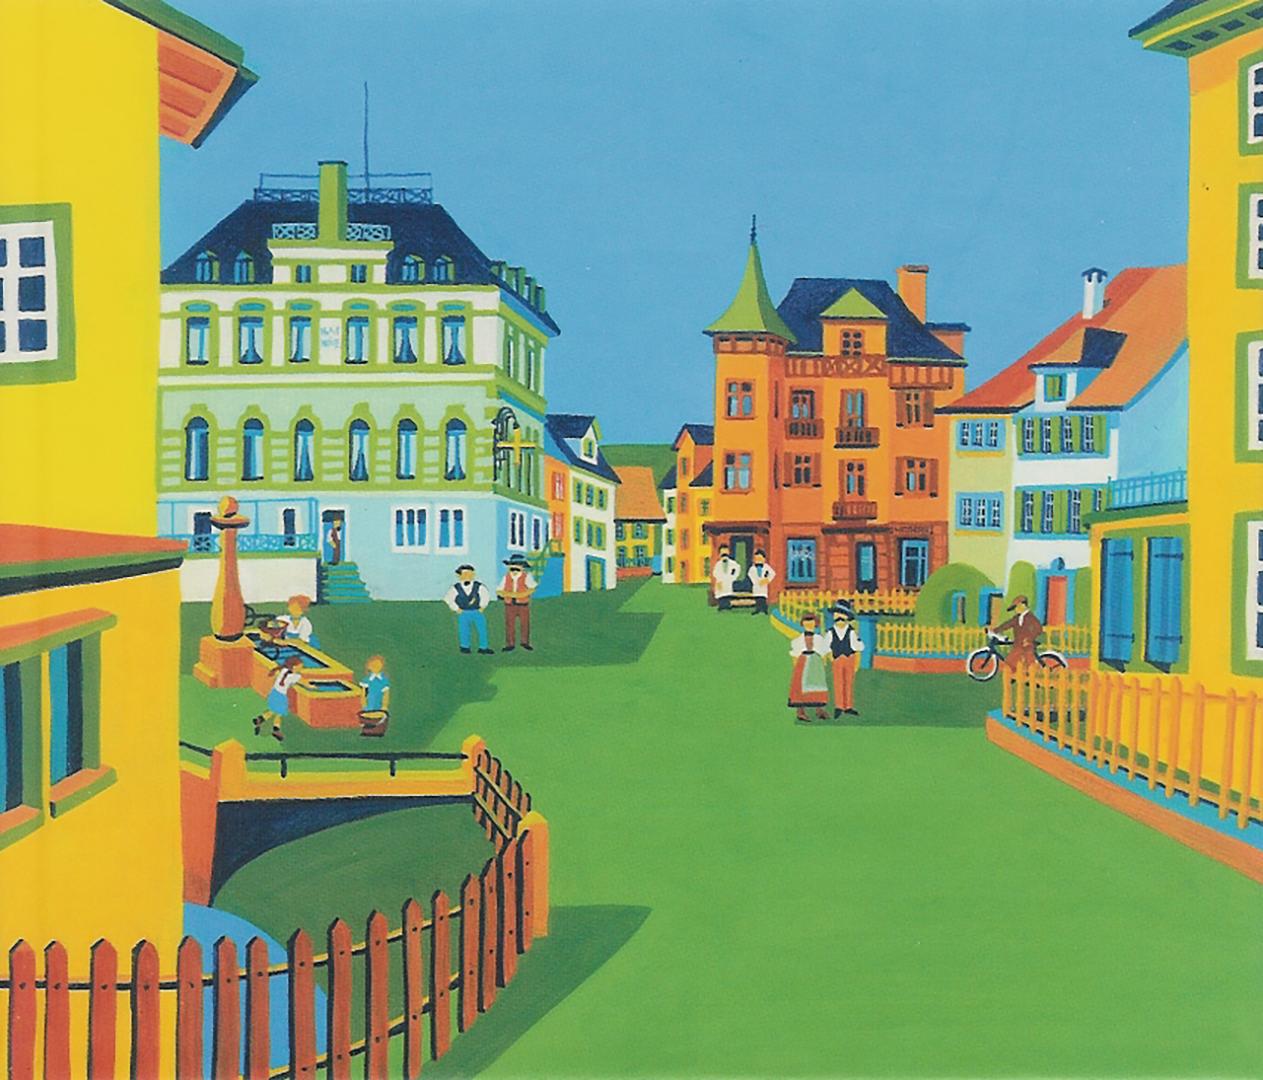 Dorfplatz mit Menschen und Häusern